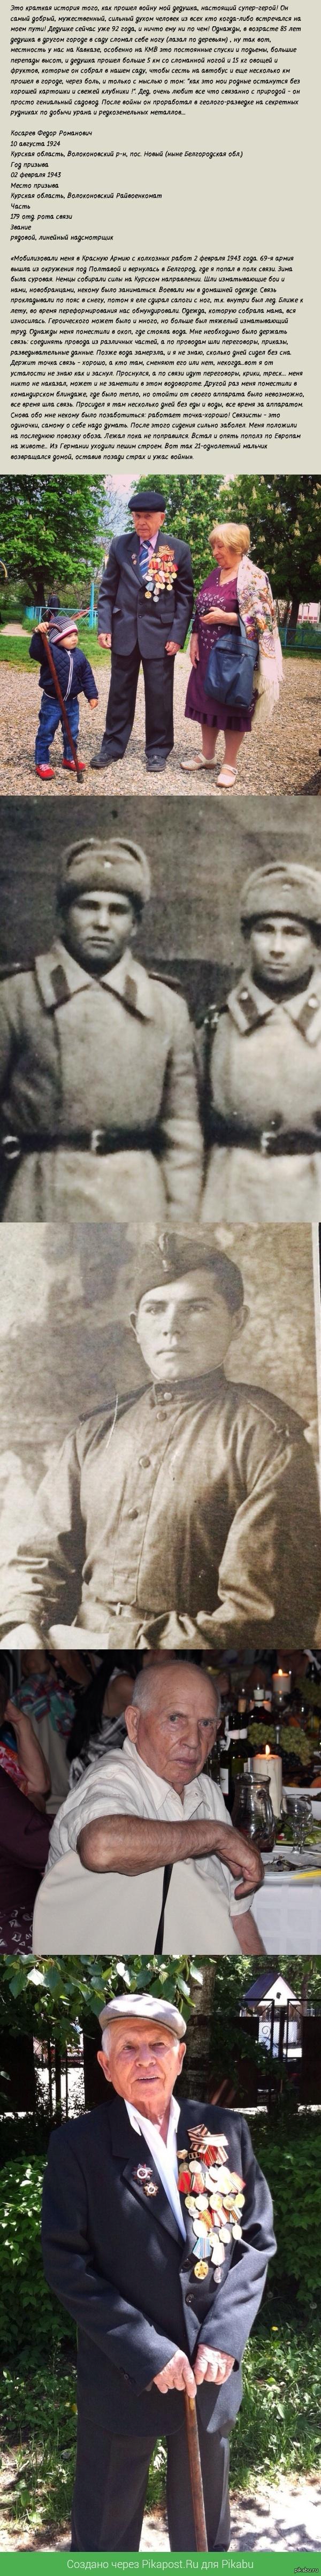 Наши Герои - Ветераны! Маленькая история о том, как прошел войну мой дедушка